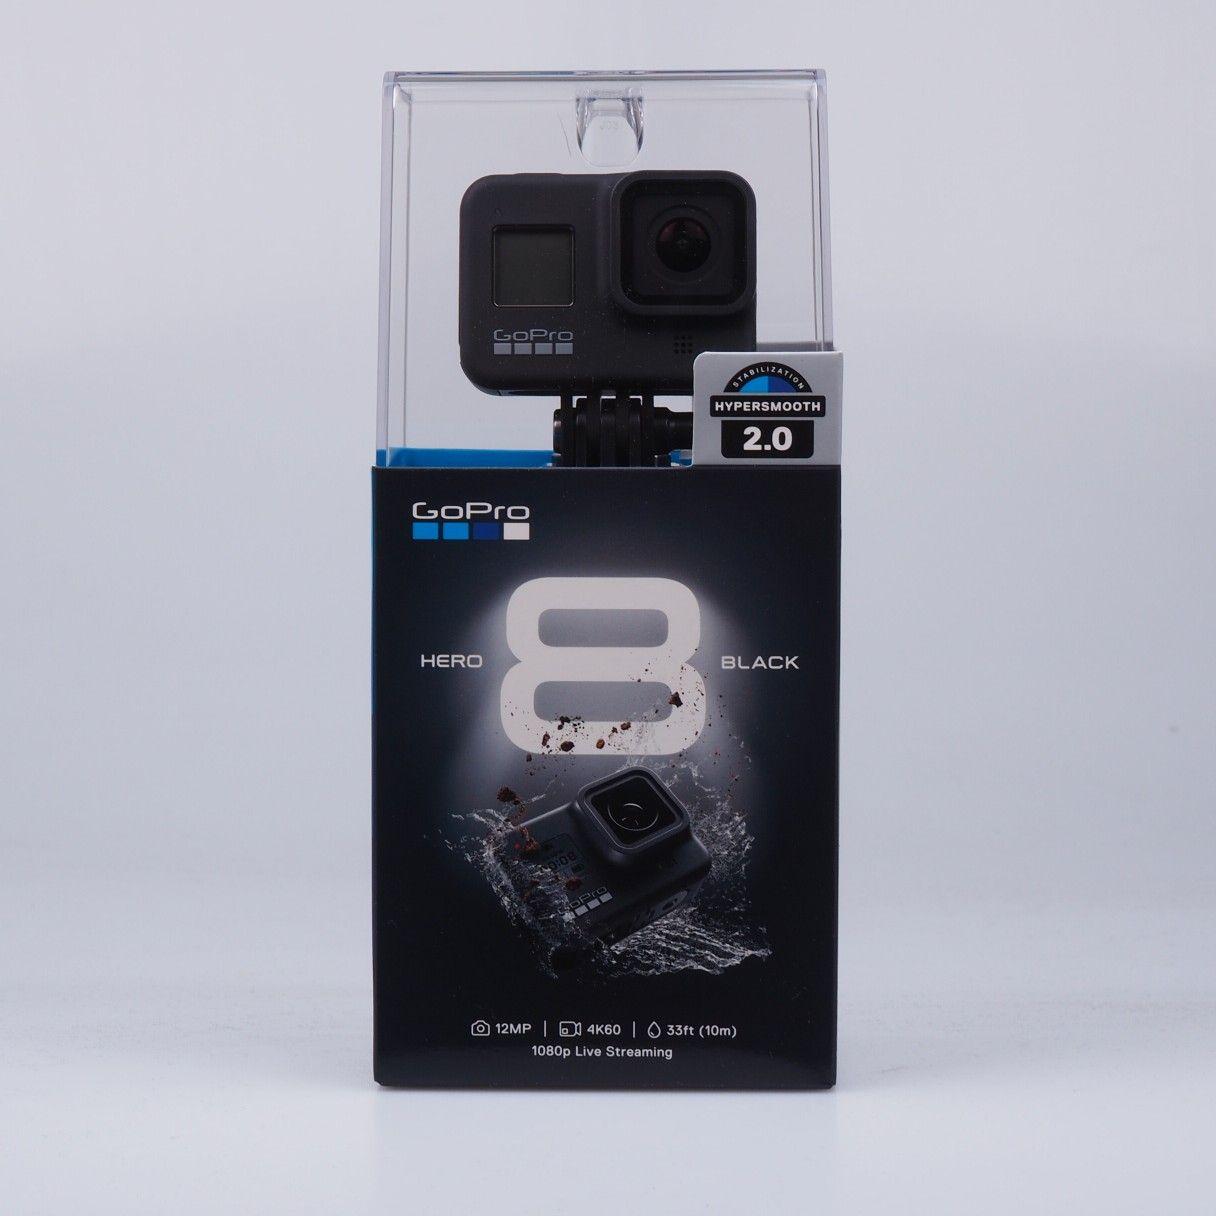 GoPro HERO8 Black Camara de Accion